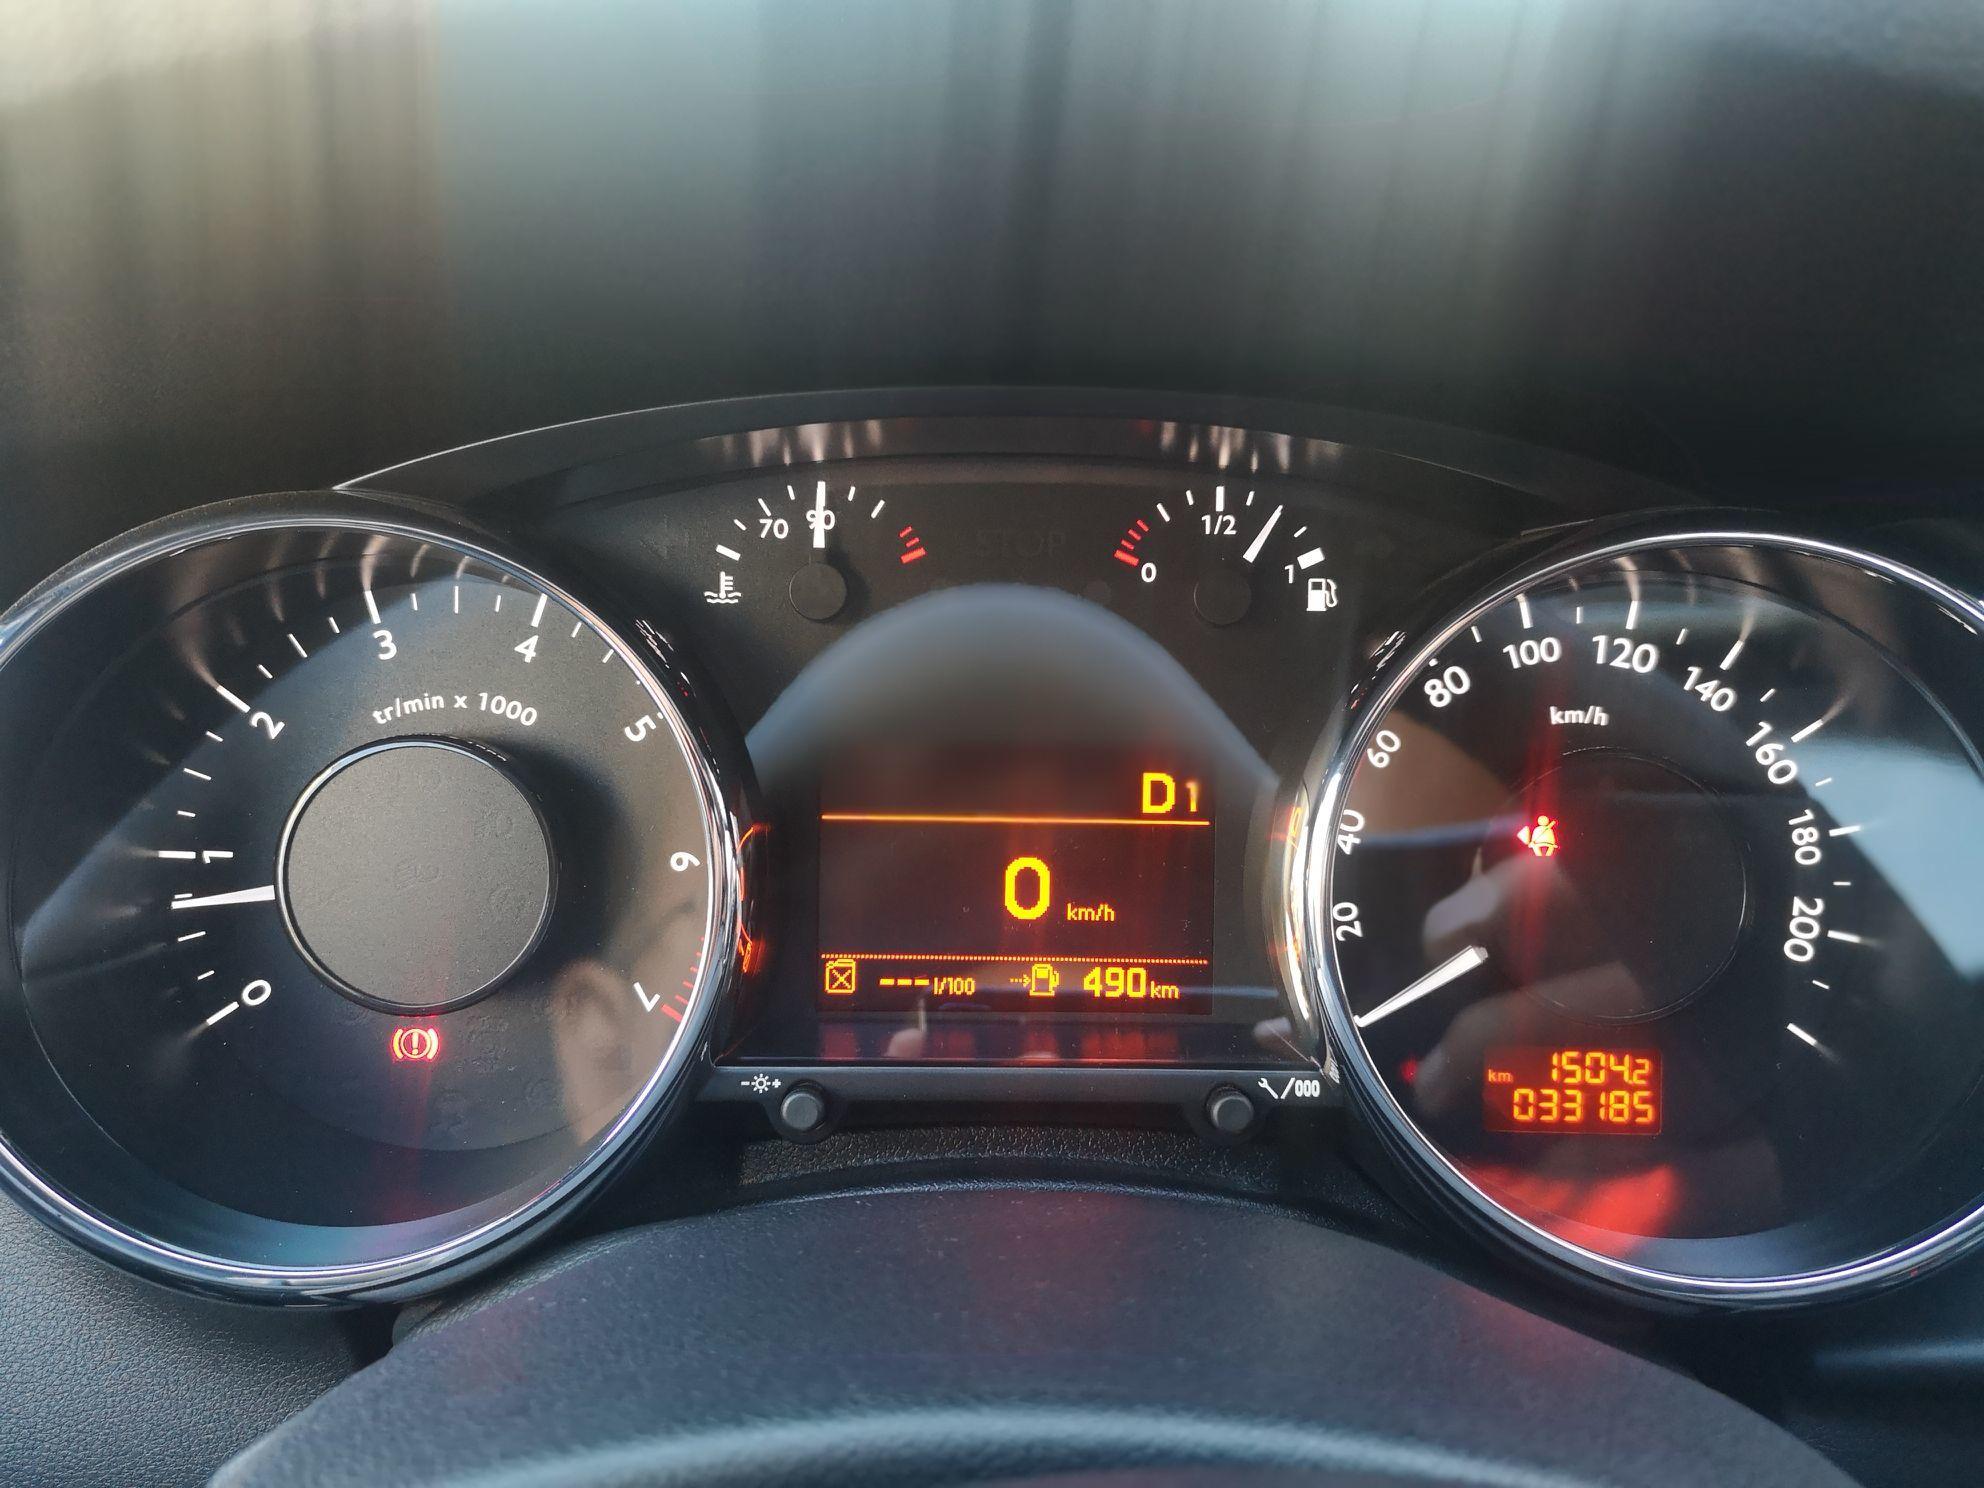 汽车档位标志_更新3008仪表档位显示功能-爱卡汽车网论坛